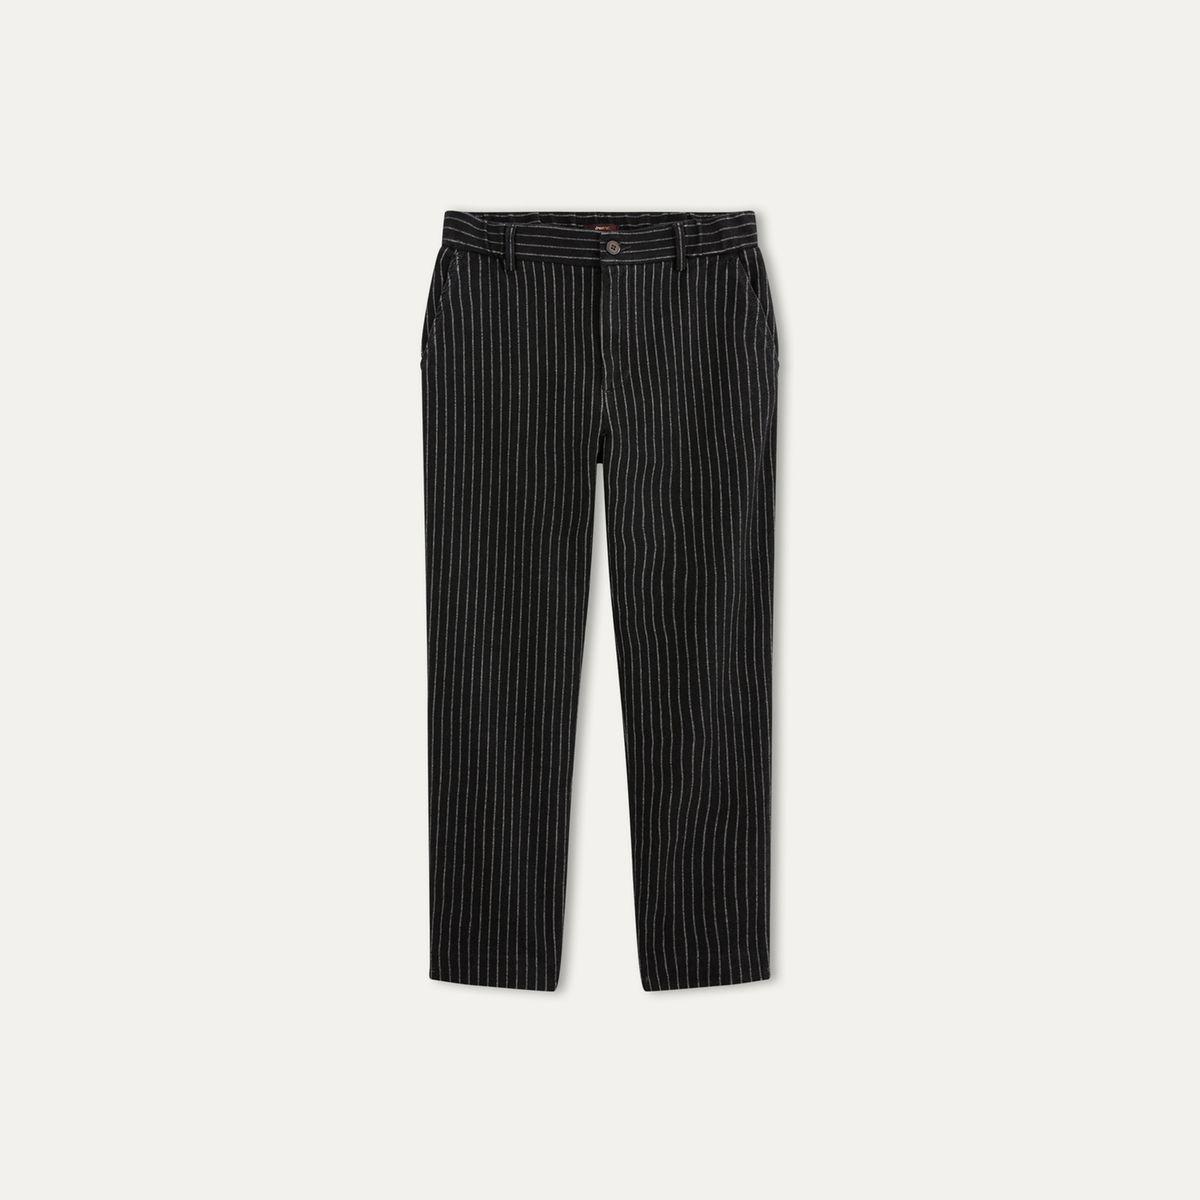 Pantalon DEBBIE GESSATO